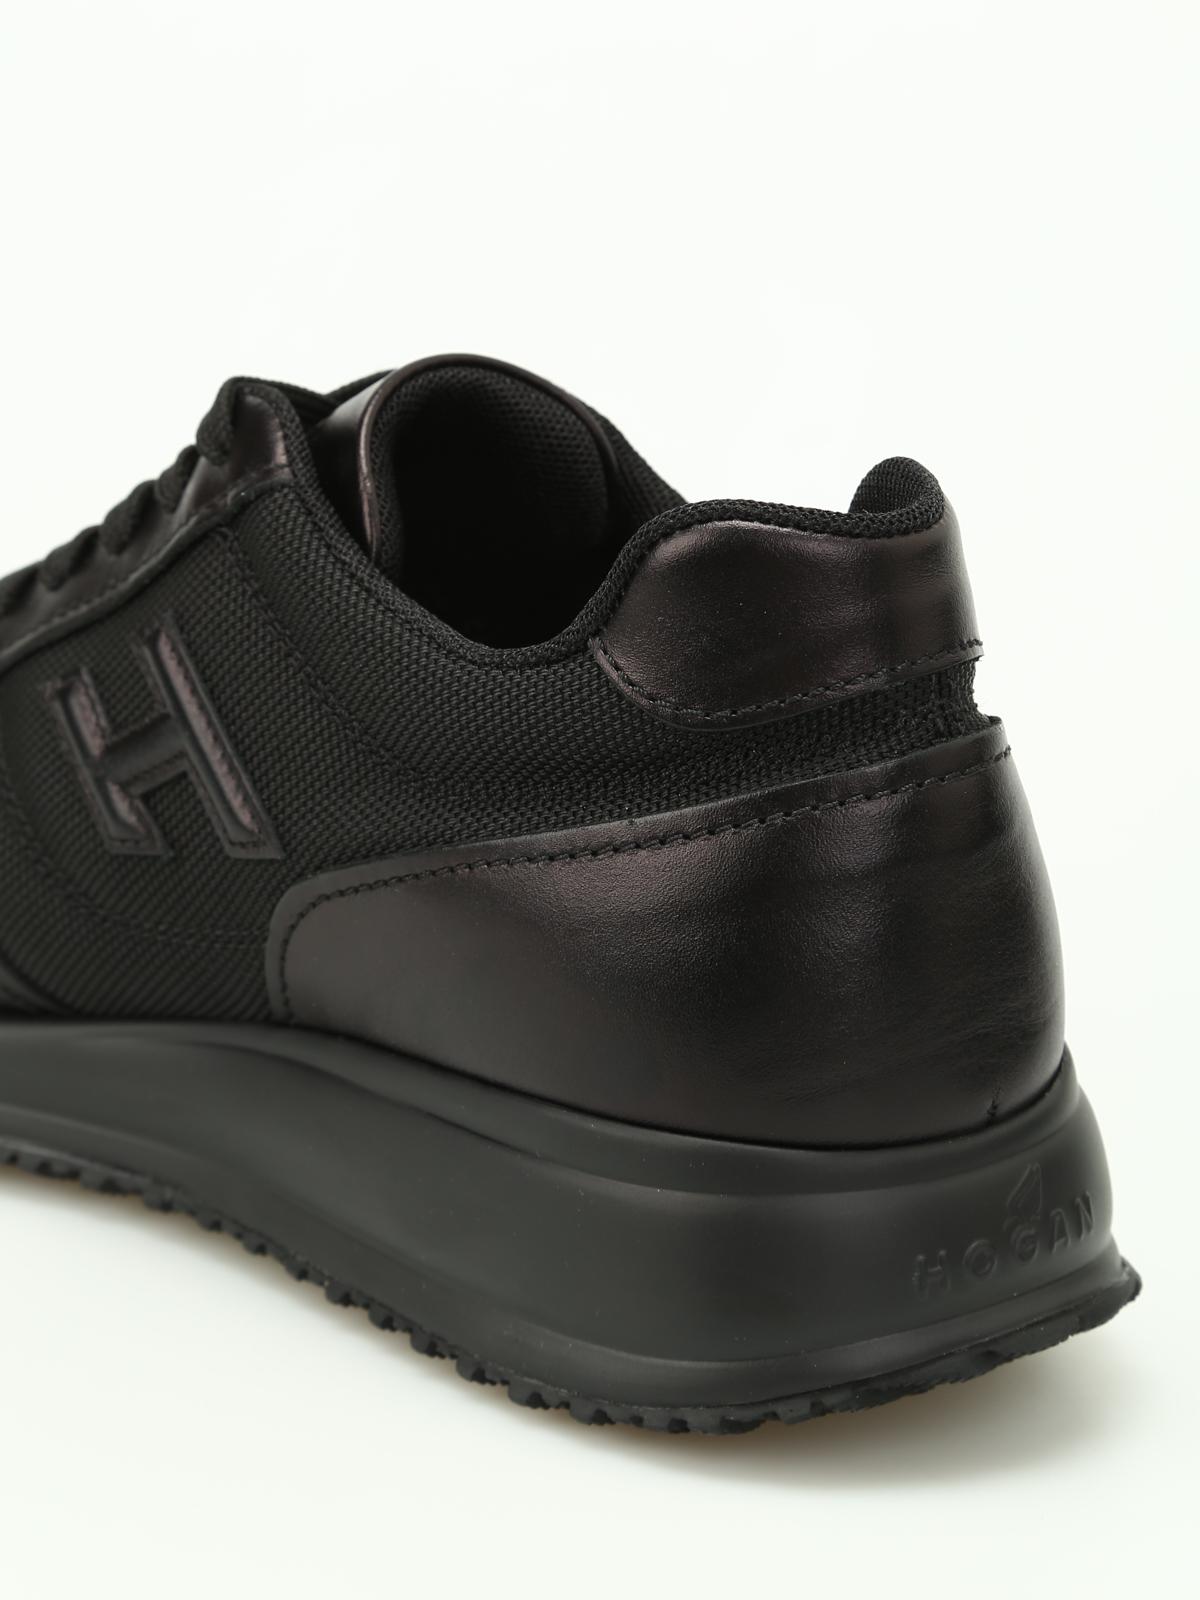 Hogan - Interactive N20 sneakers - trainers - HXM2460Y800DMUB999